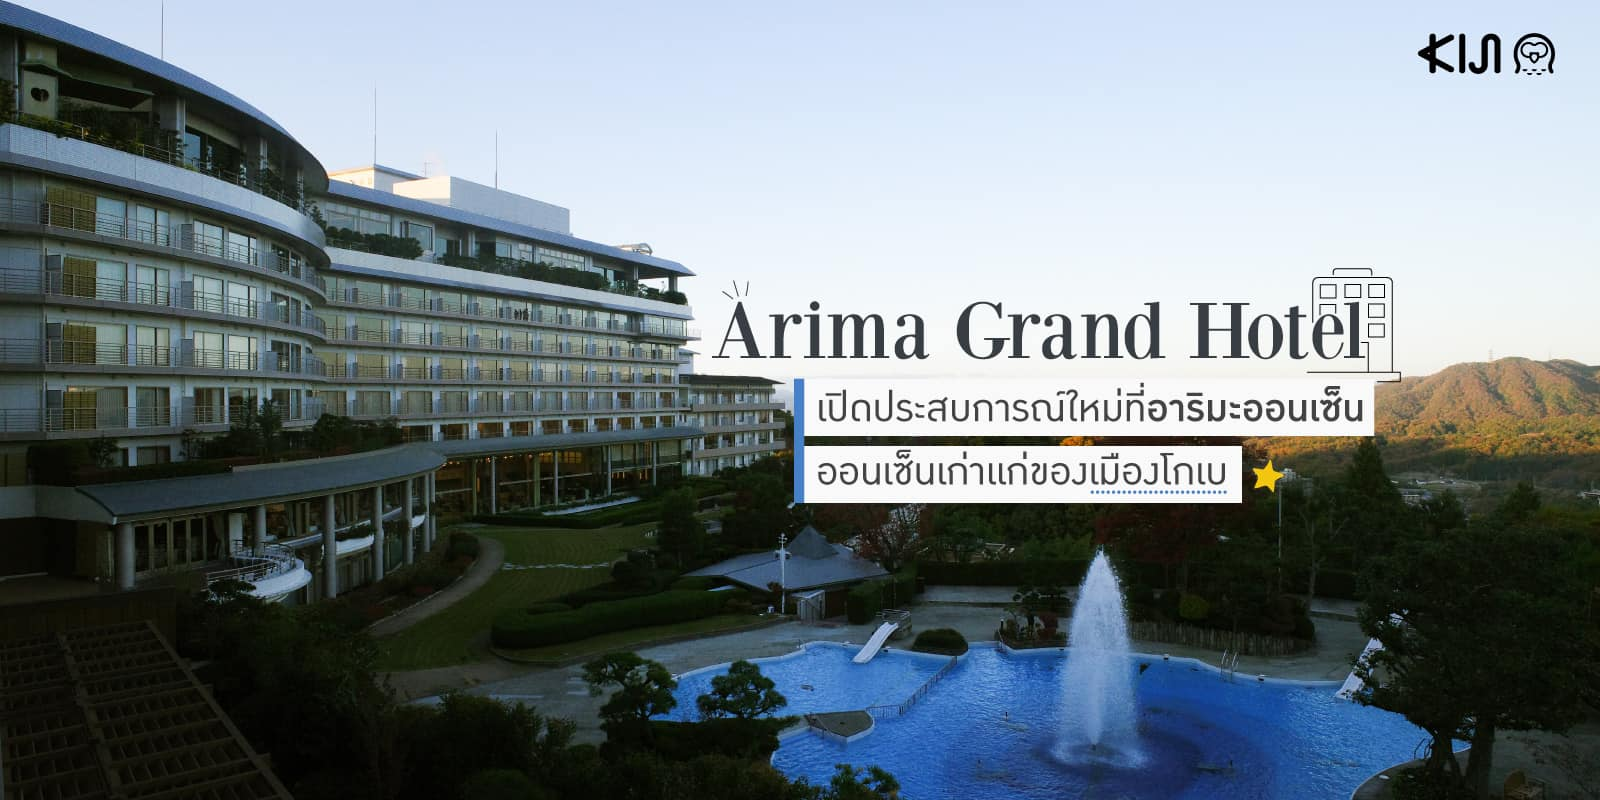 Arima Grand Hotel รีวิว